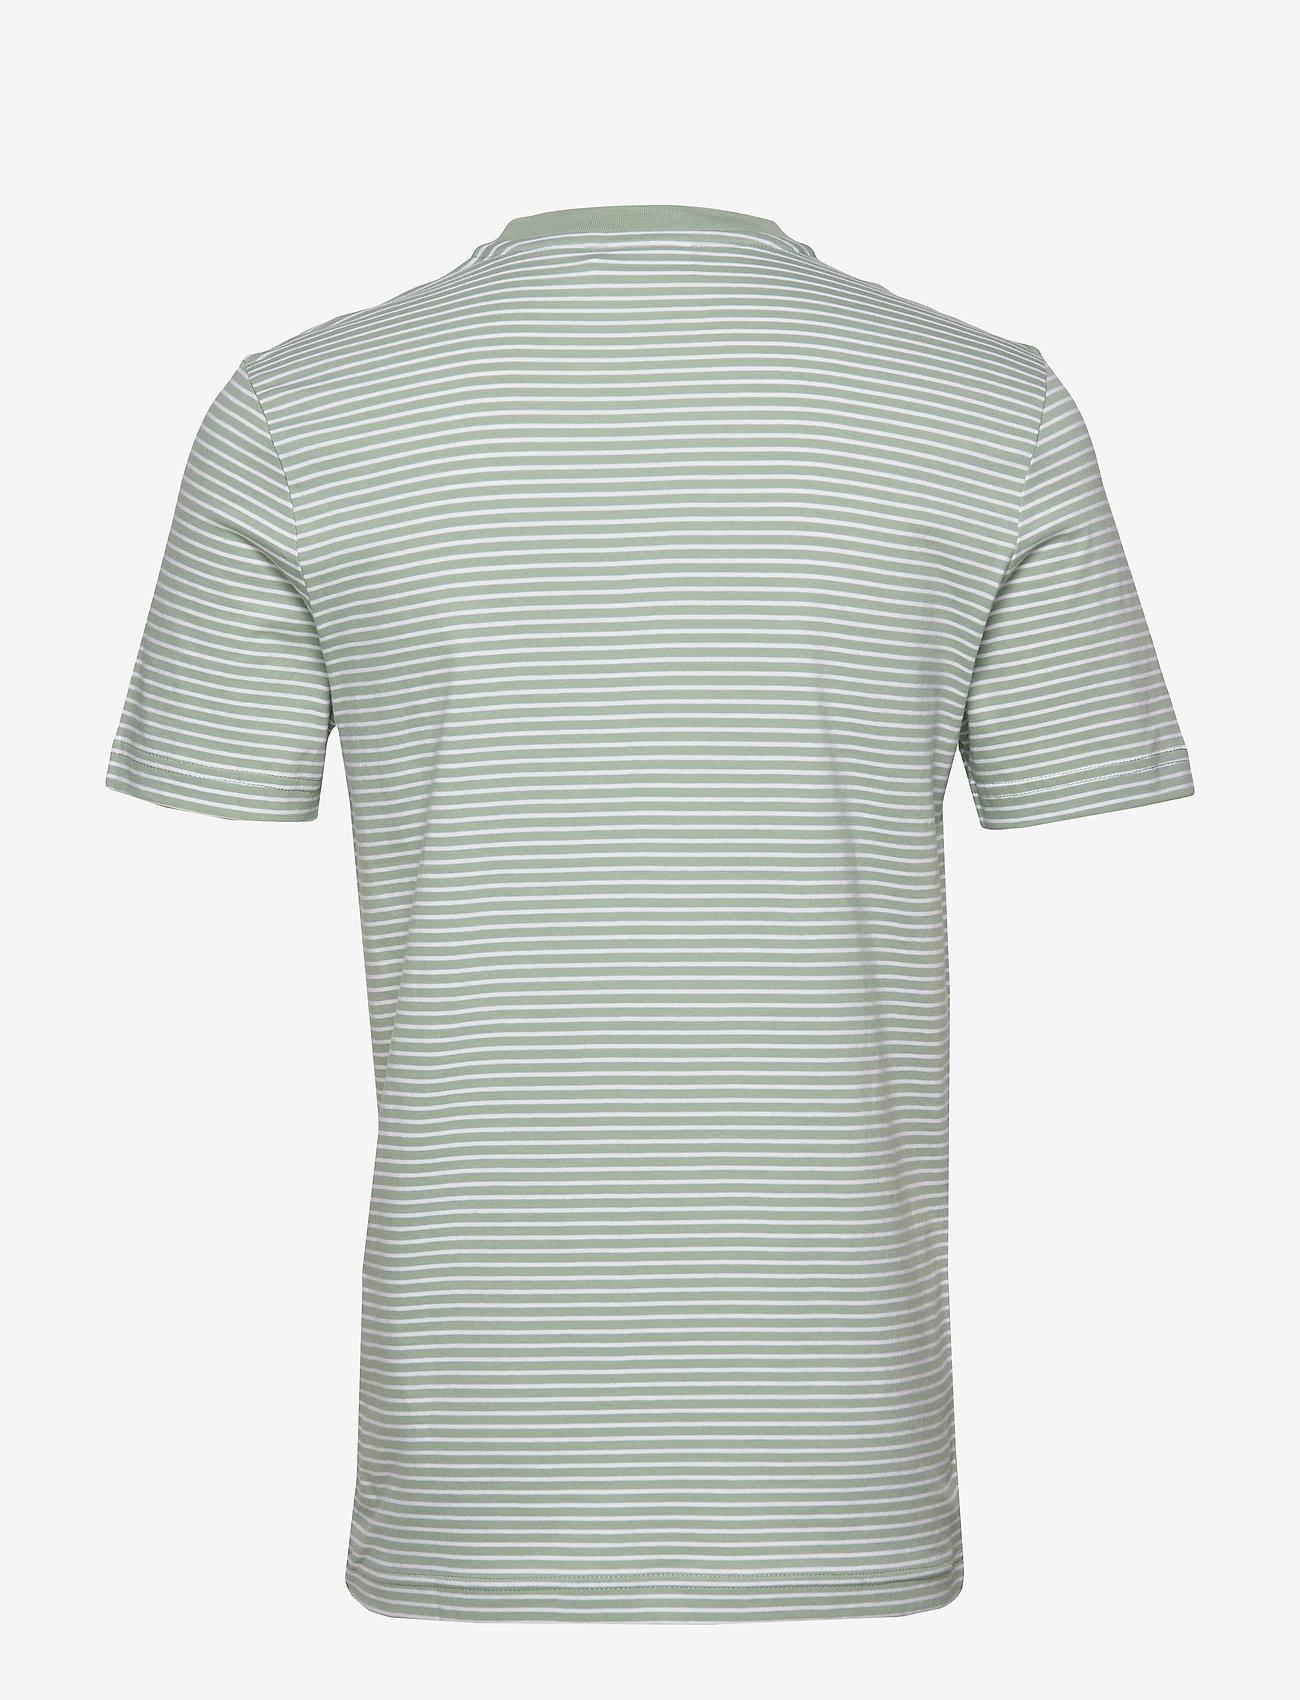 Calvin Klein Small Stripes Chest Logo T-shirt - T-shirts Stripe Granite Green / White